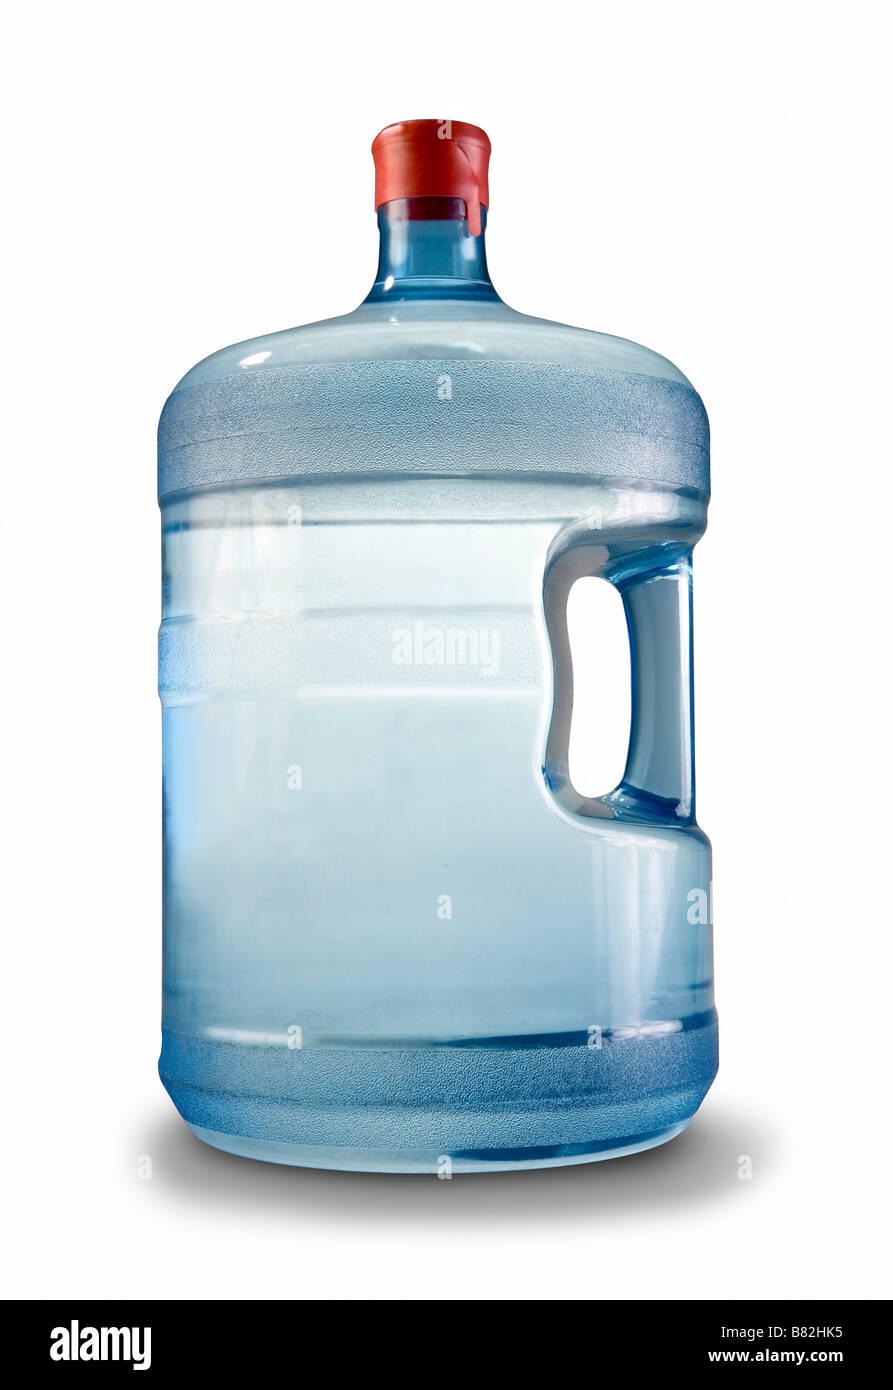 Una jarra de agua de 5 galones de primavera o agua purificada a partir de un establecimiento comercial Imagen De Stock